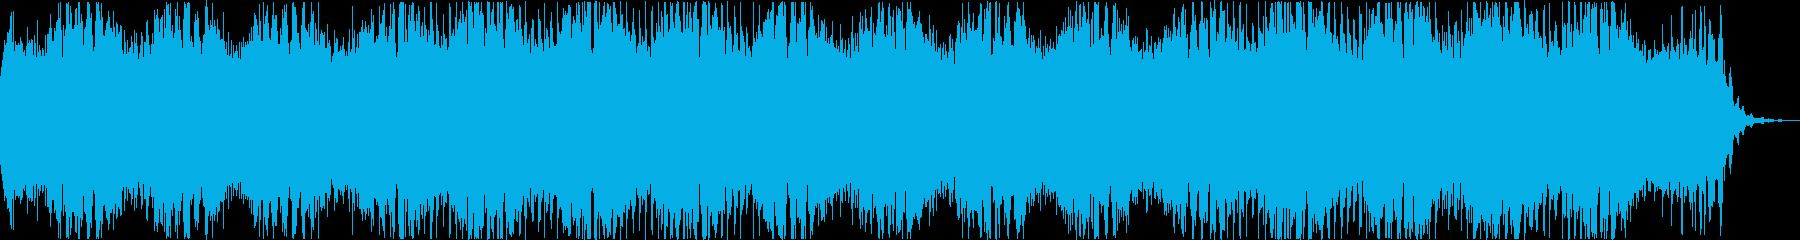 眠りを誘うリラクゼーションアンビエント曲の再生済みの波形